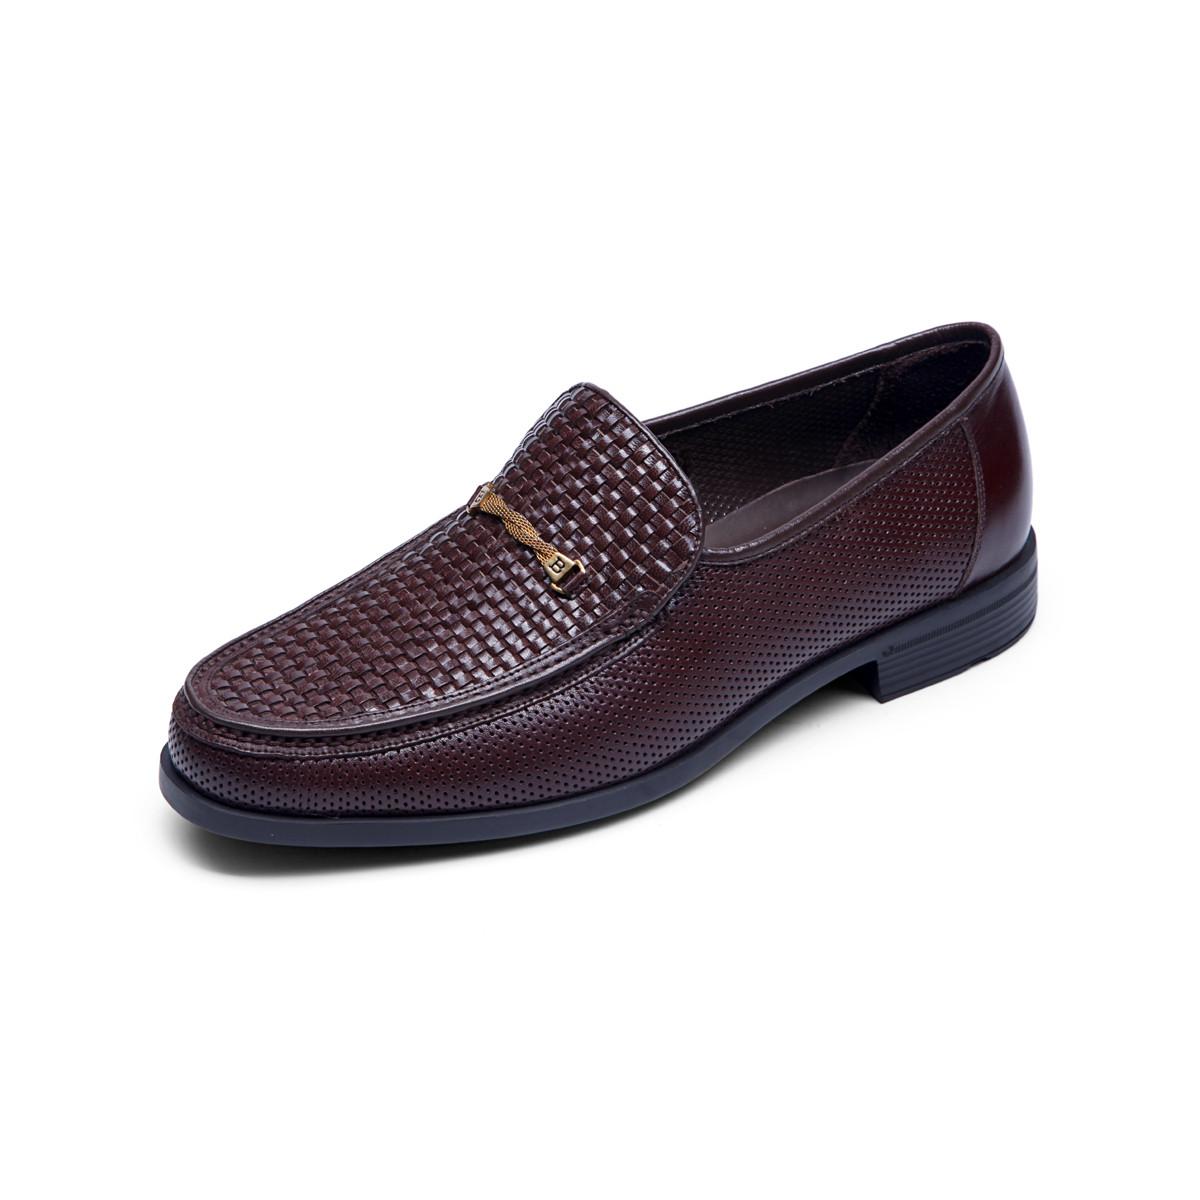 巴路士巴路士耐磨一脚蹬套脚商务鞋简约男士正装皮鞋舒适男鞋BC51Y1035K02